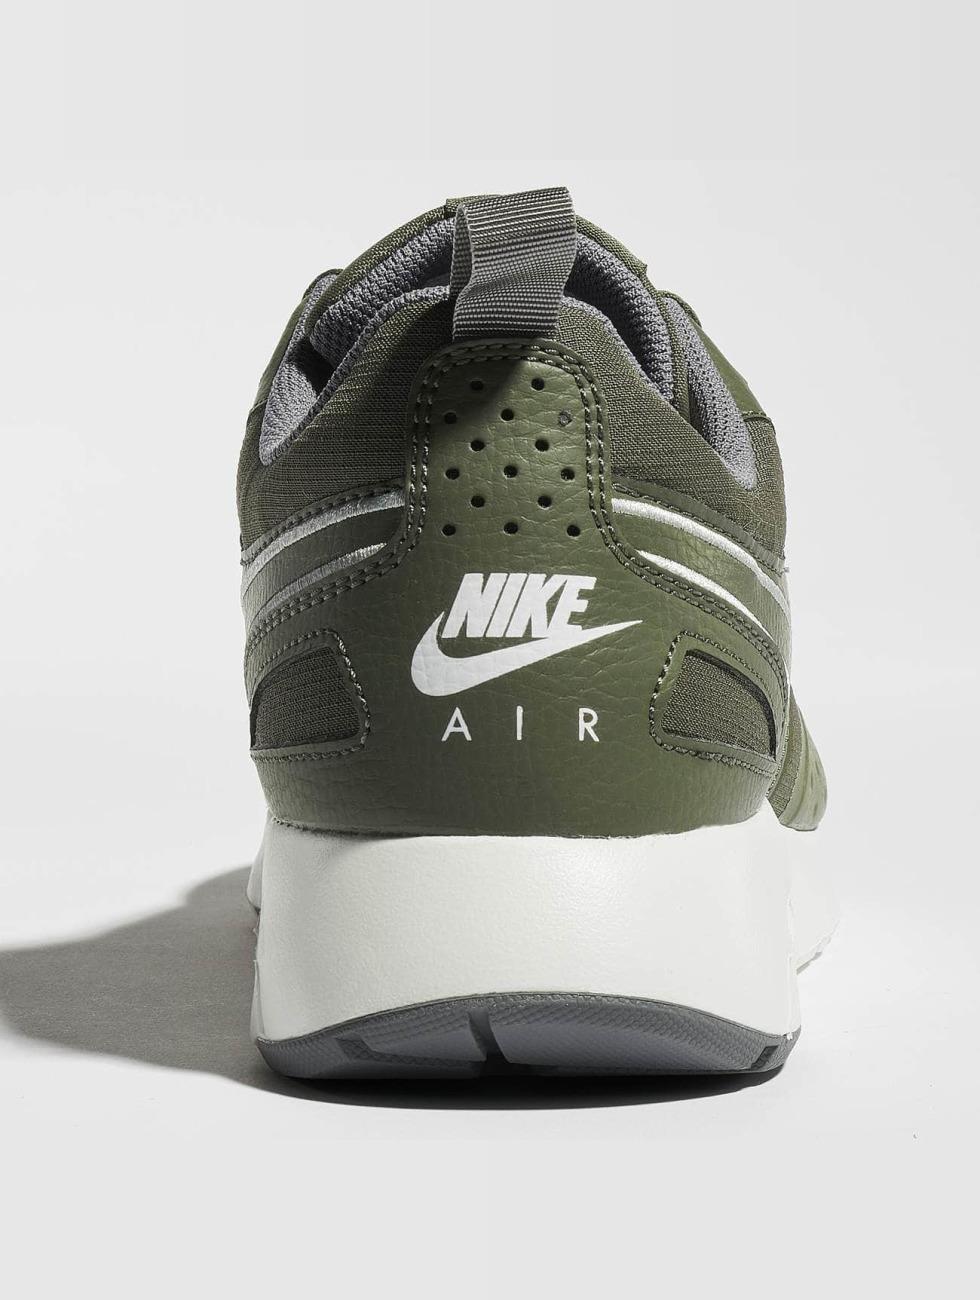 Vente Chaude Vente En Ligne Le Meilleur Magasin Pour Obtenir Vision Air Chaussures / Baskets Nike Max S'en Olive 442659 En Vente De Qualité Supérieure BmOMCuGJP